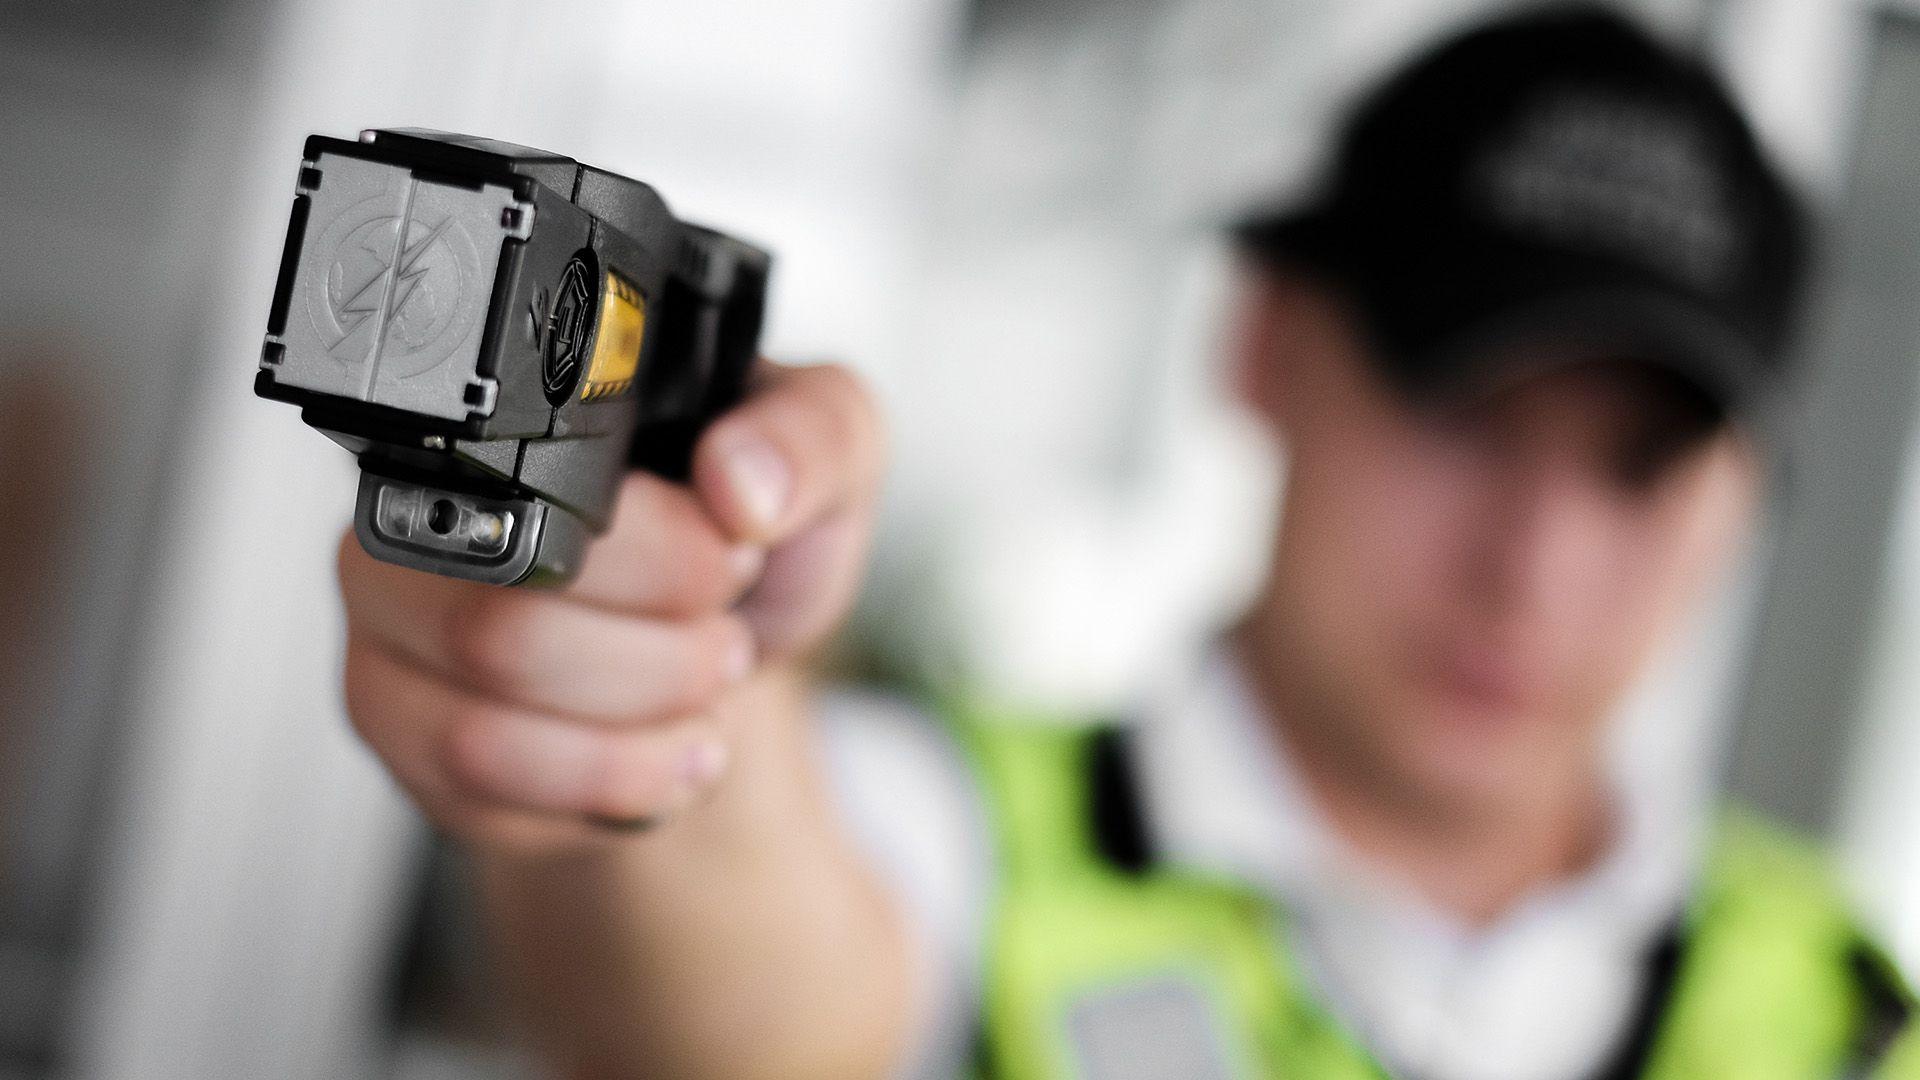 El gobierno de Mauricio Macri compro pistolas Taser en 2019 (Foto: Shutterstock)